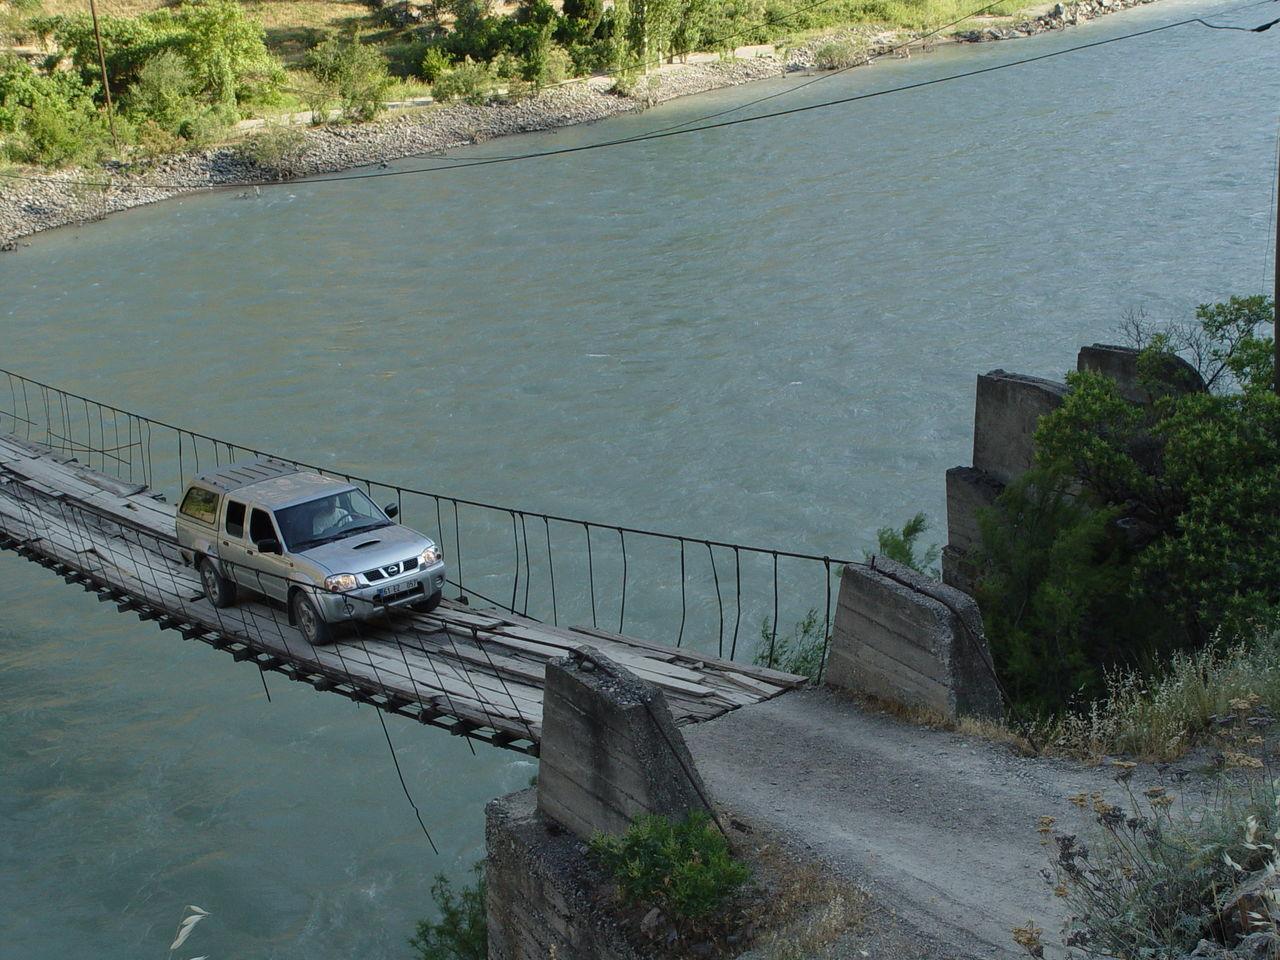 HIGH ANGLE VIEW OF BRIDGE ON RIVER